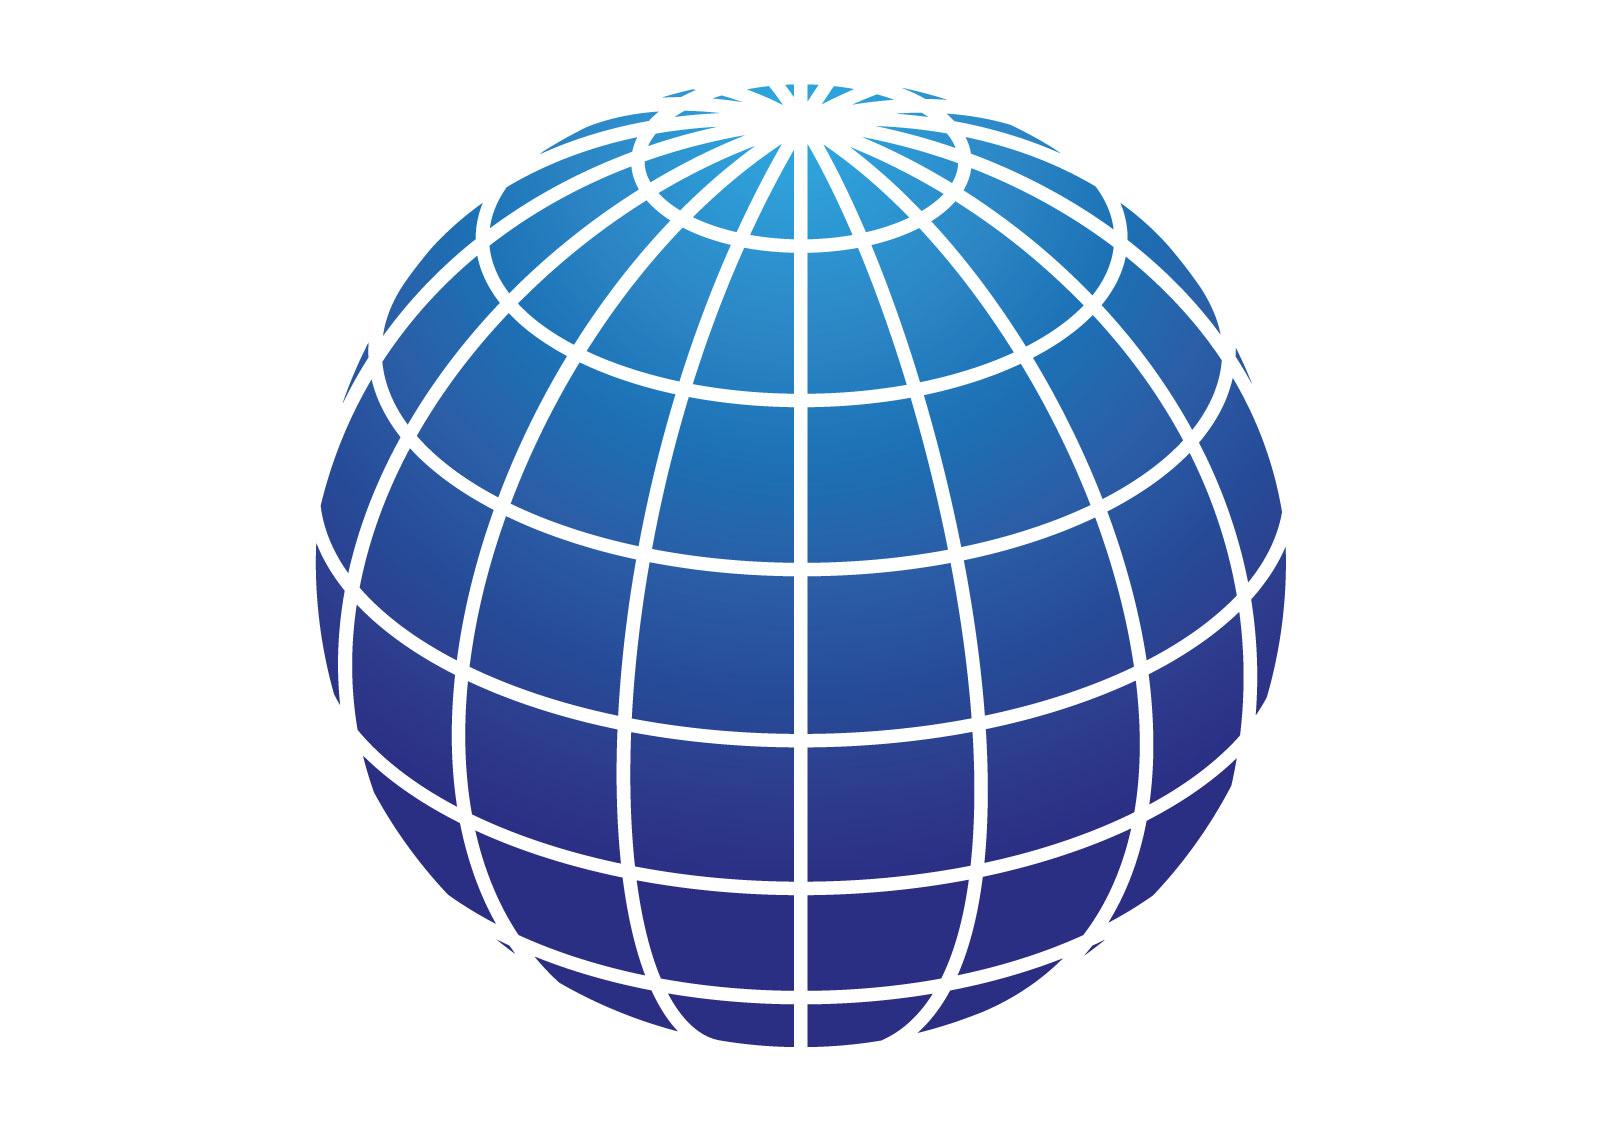 業界の転職・求人情報|エン ミドルの転職 商社(総合)